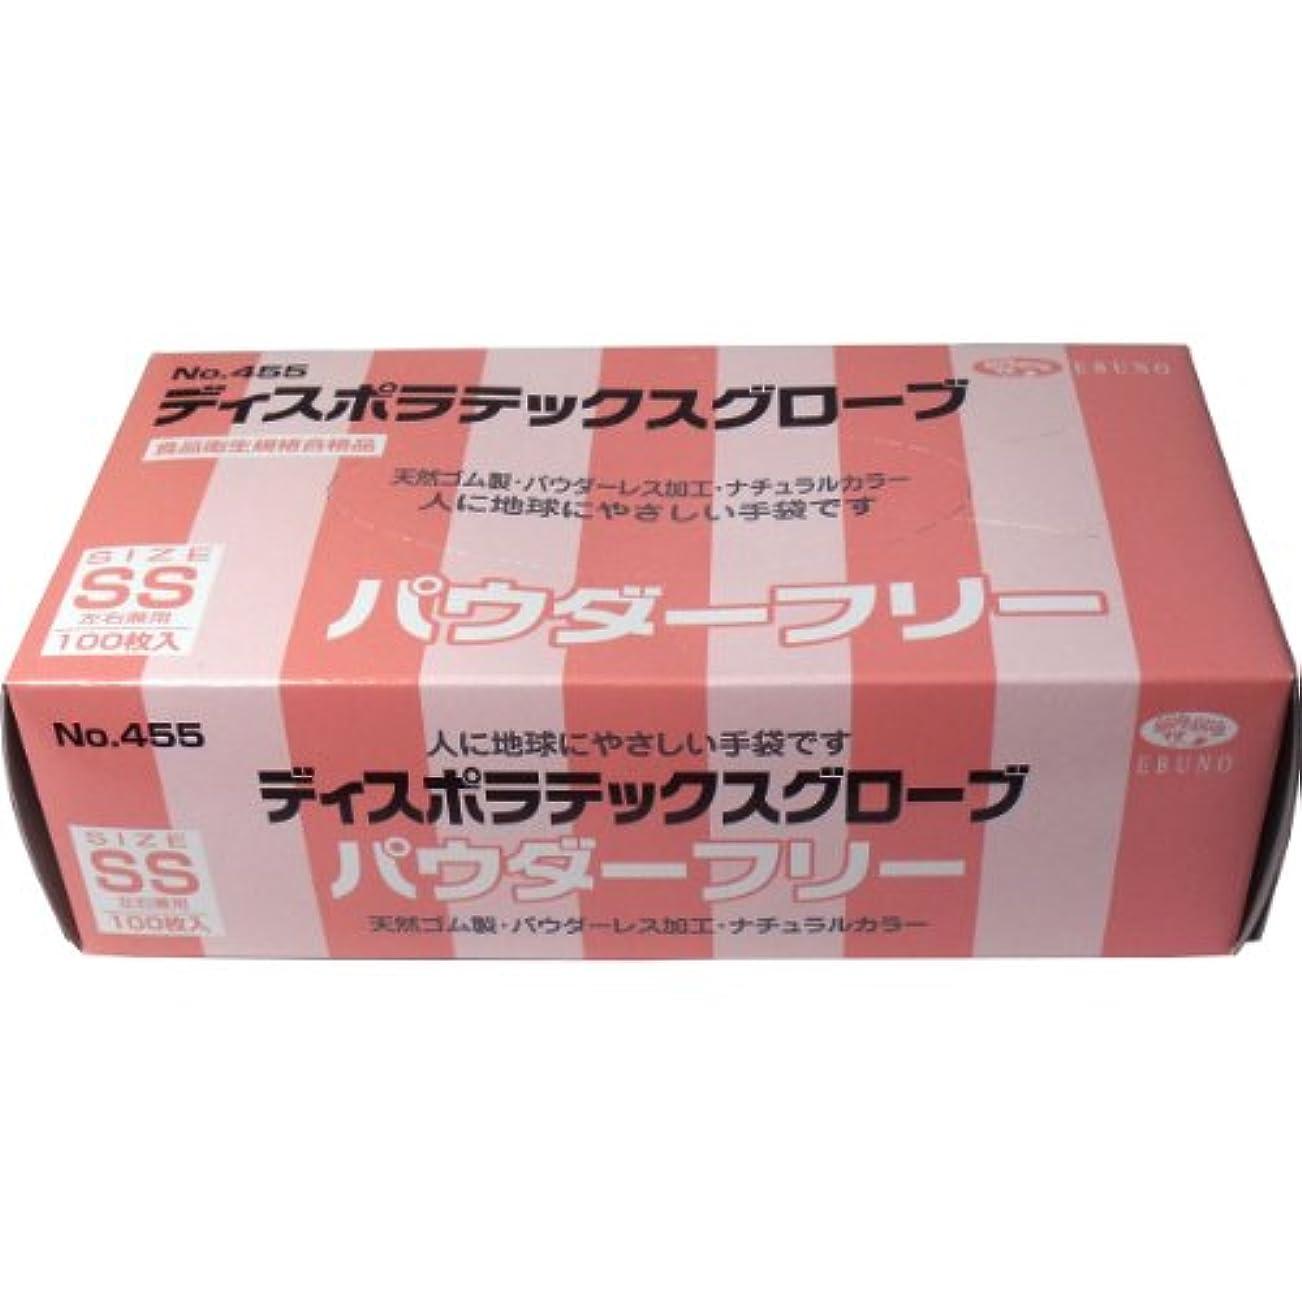 アルファベット箱クレアディスポ ラテックスグローブ(天然ゴム手袋) パウダーフリー SSサイズ 100枚入【3個セット】